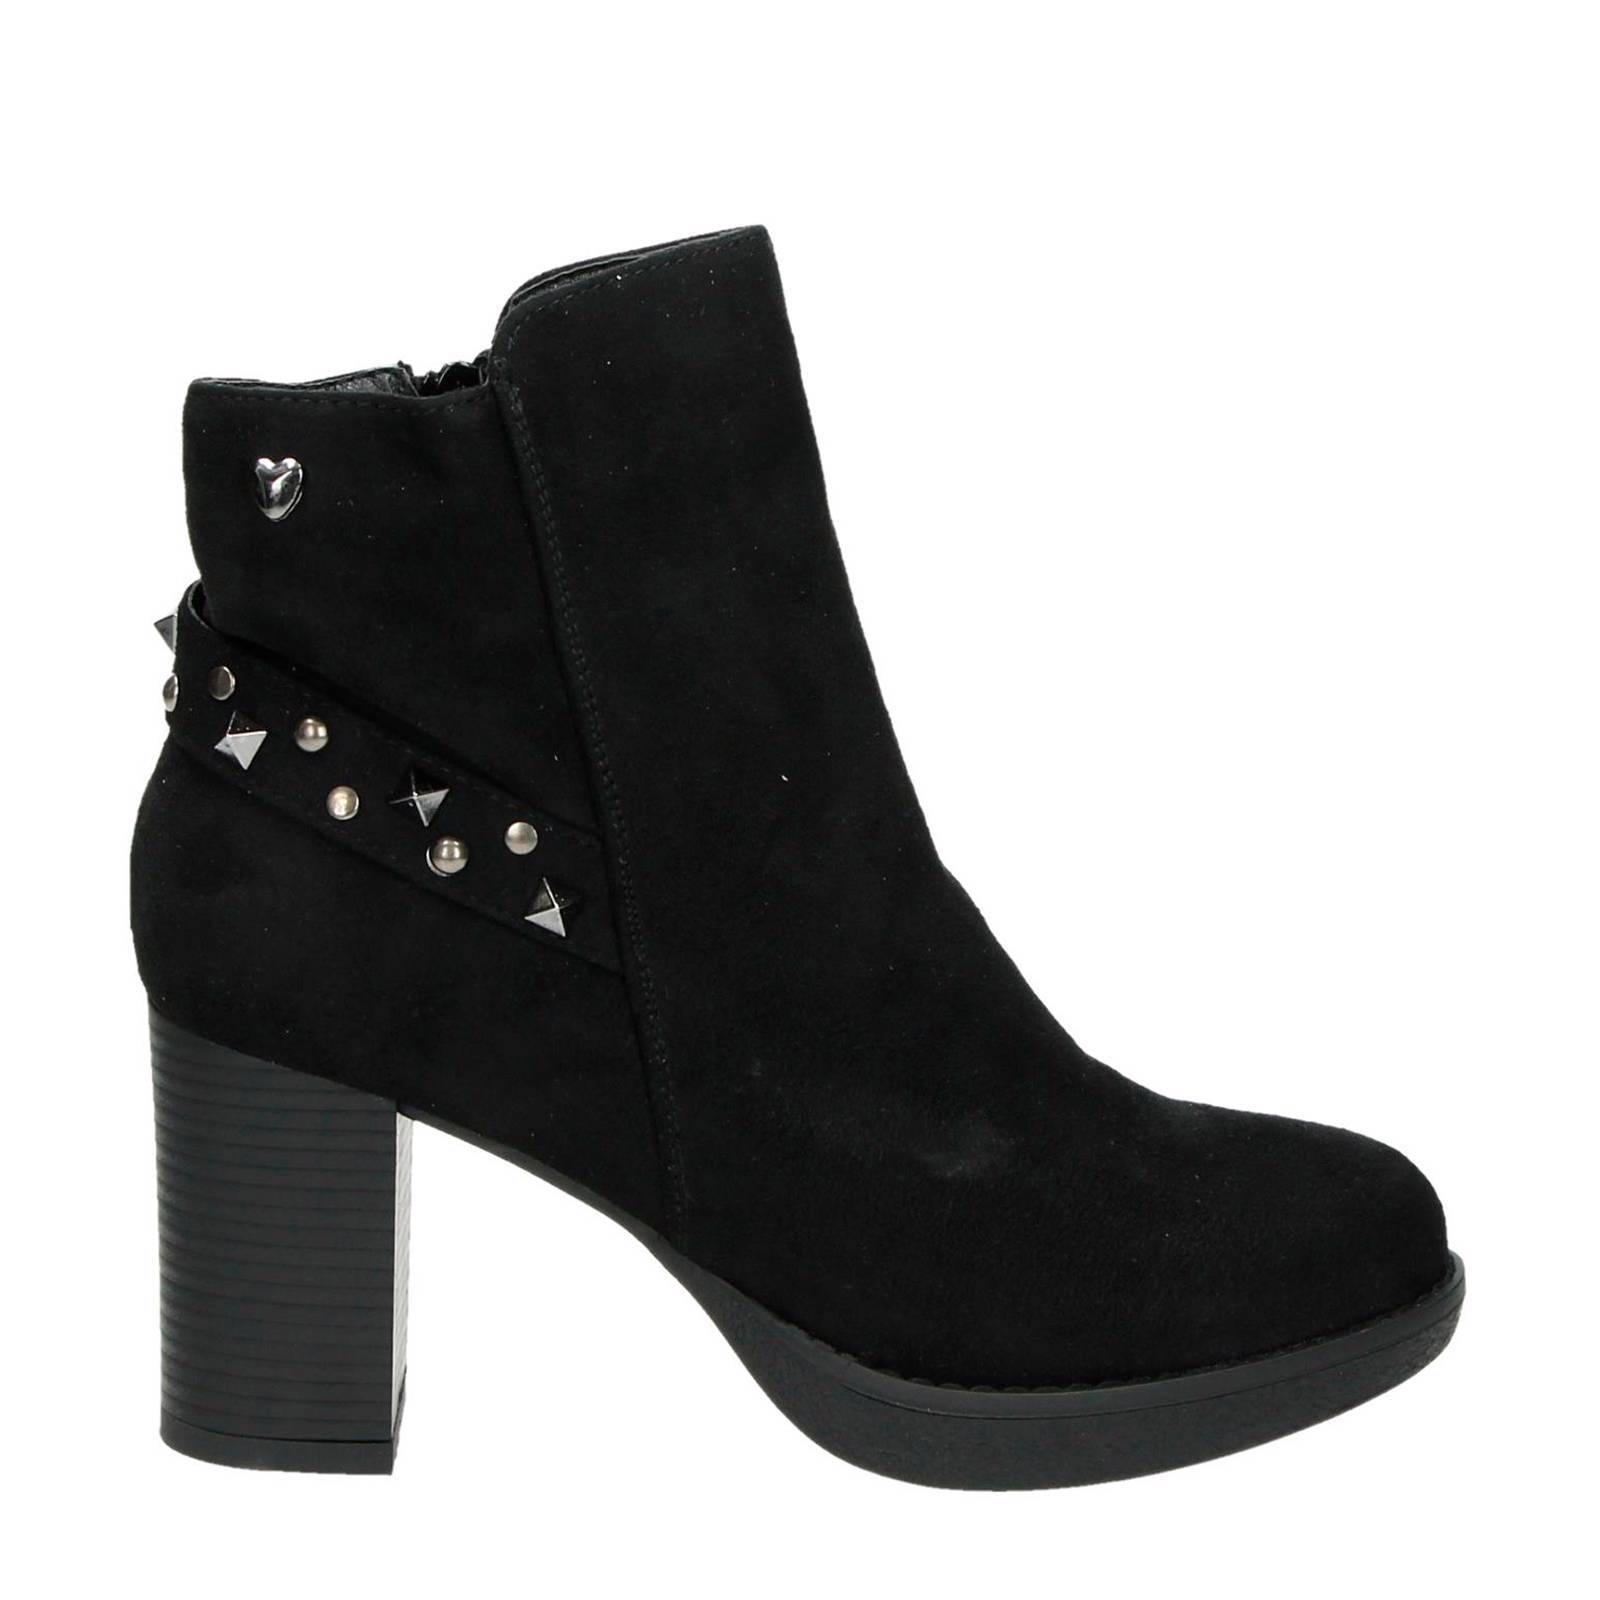 Fabs dames enkellaarsjes plat Zwart online kopen